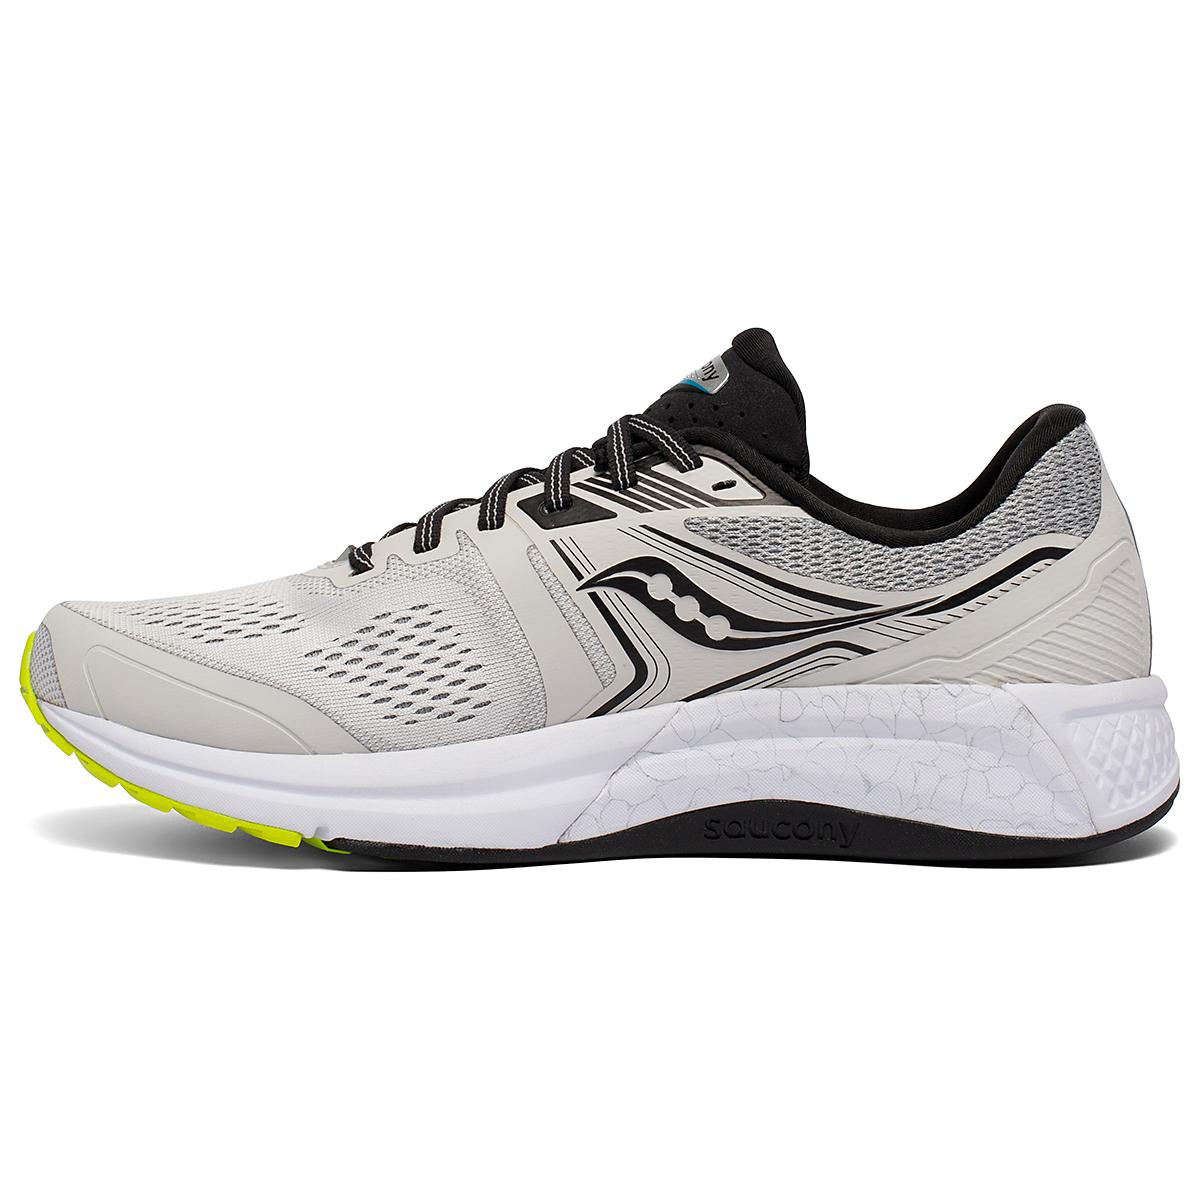 Men's Saucony Omni 19 Running Shoe - Color: Fog/Citrus - Size: 7 - Width: Regular, Fog/Citrus, large, image 2